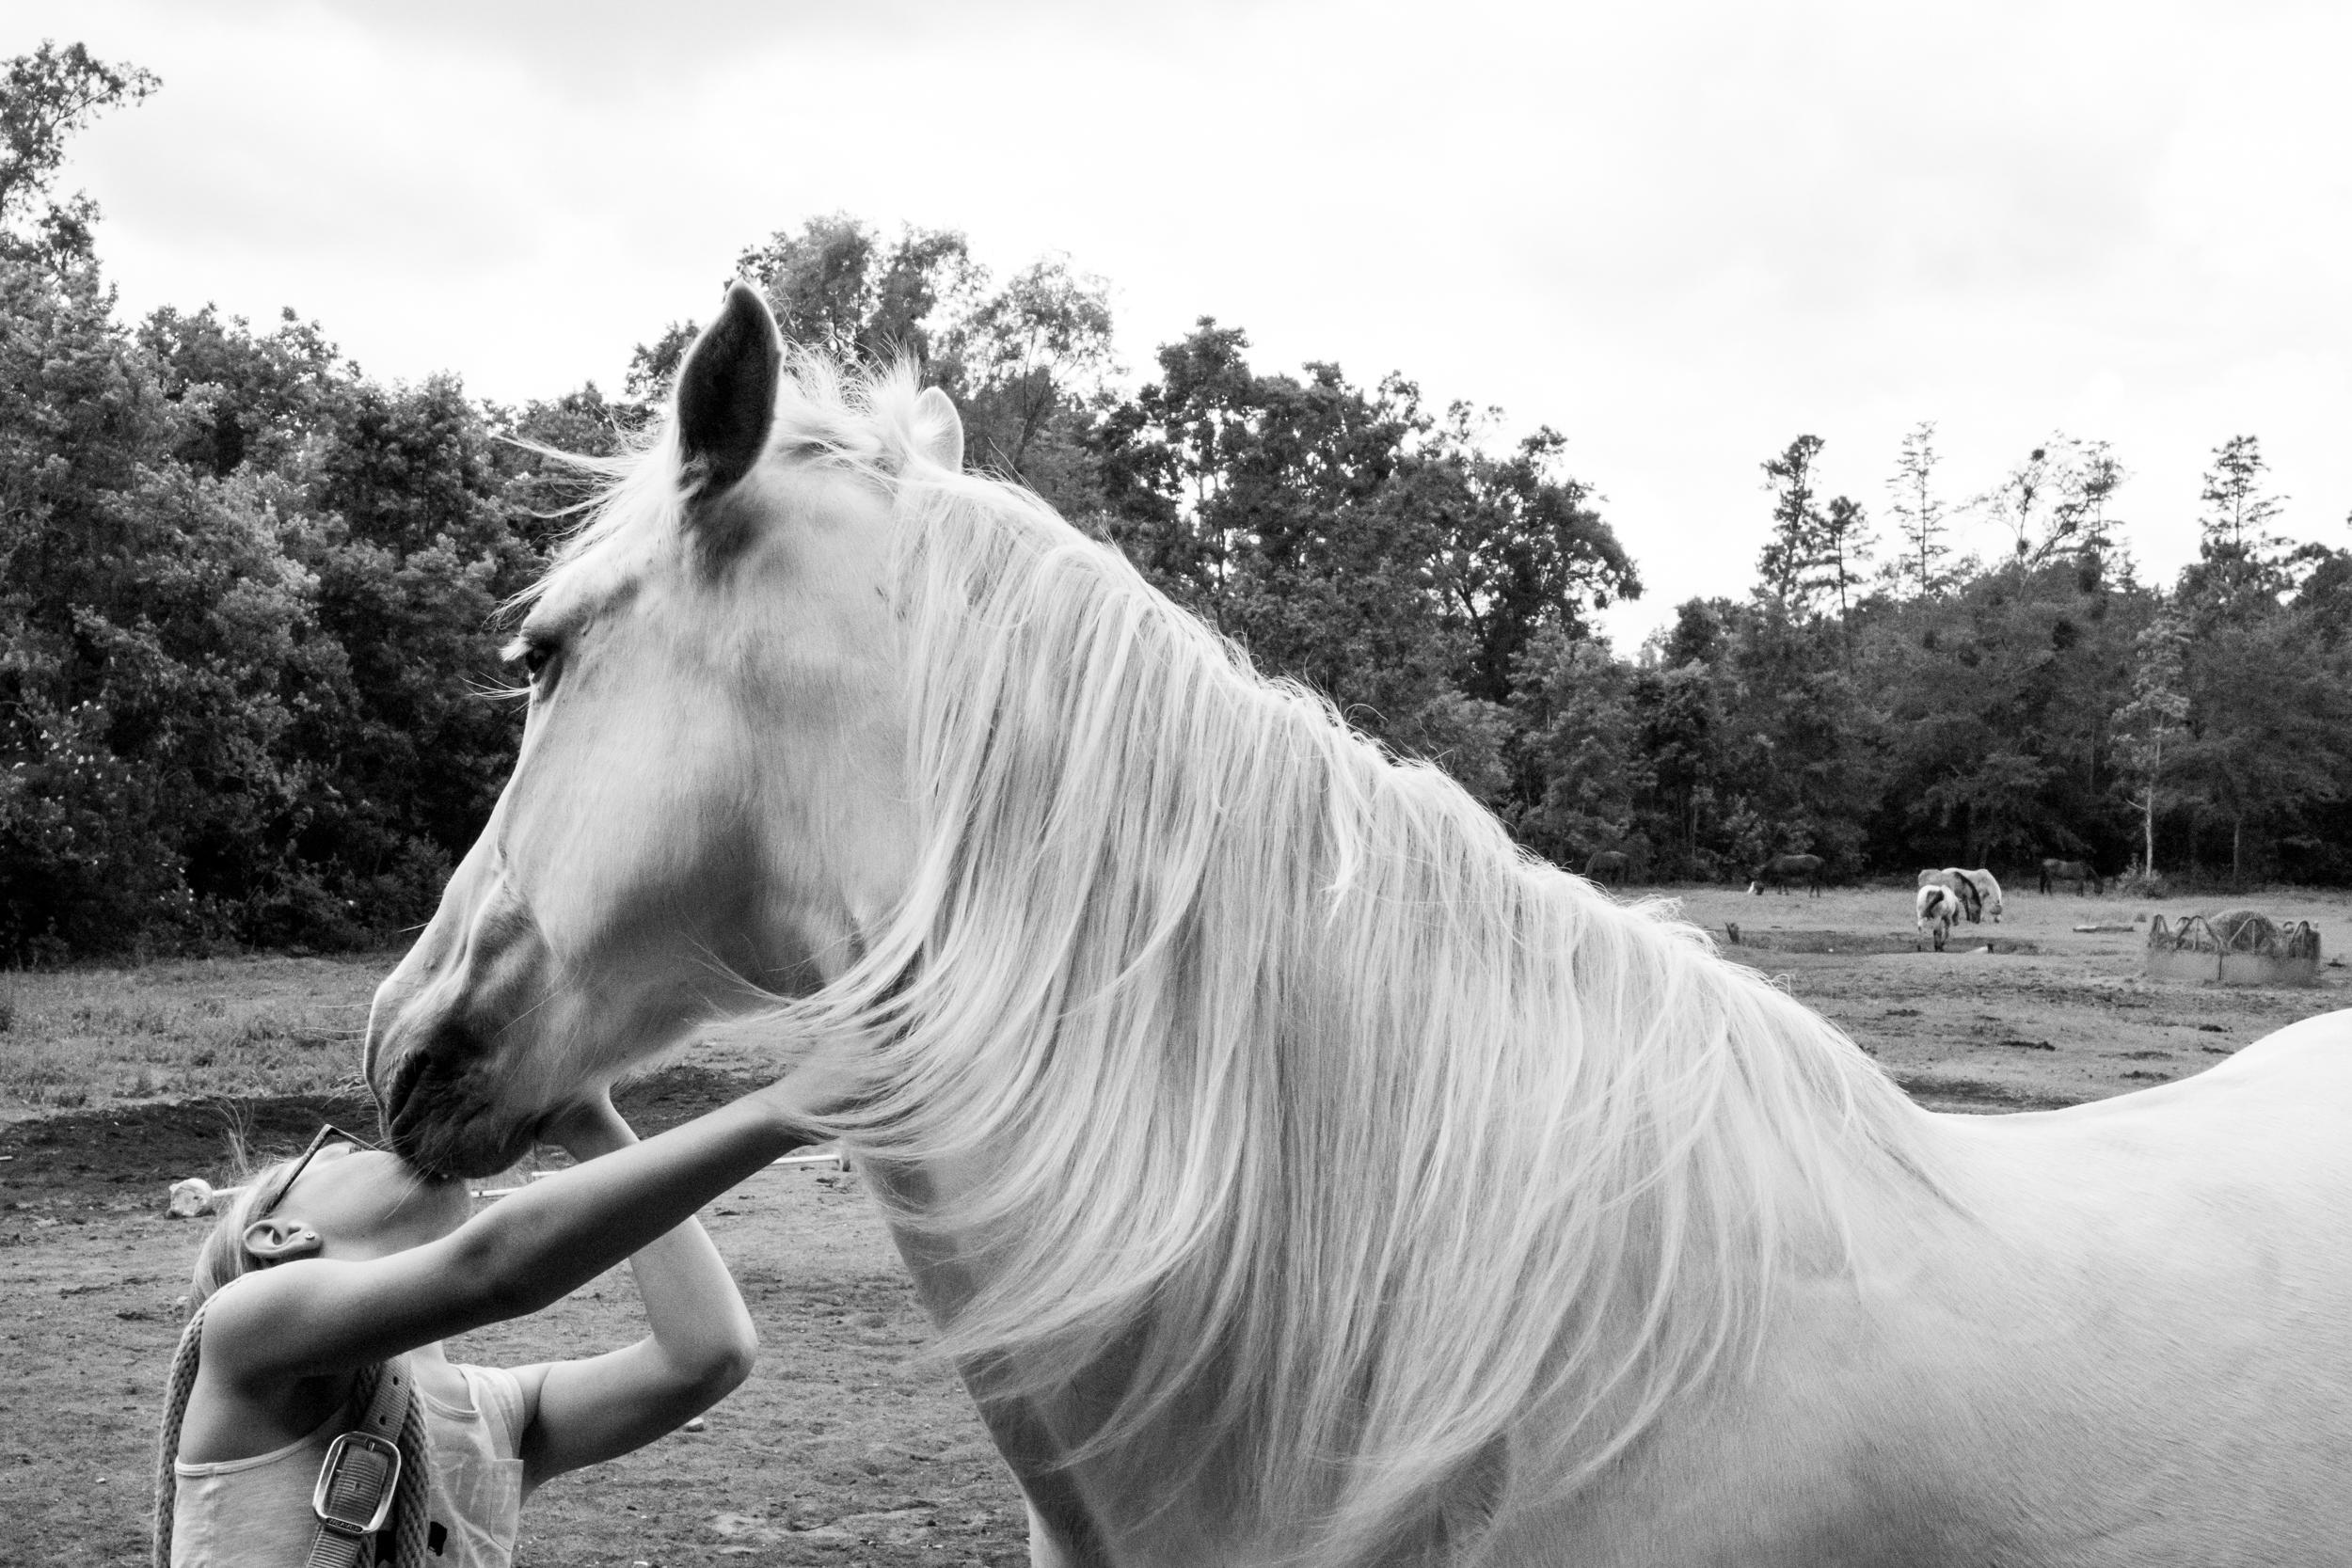 jacksonville-family-photographer-documentary-32.jpg